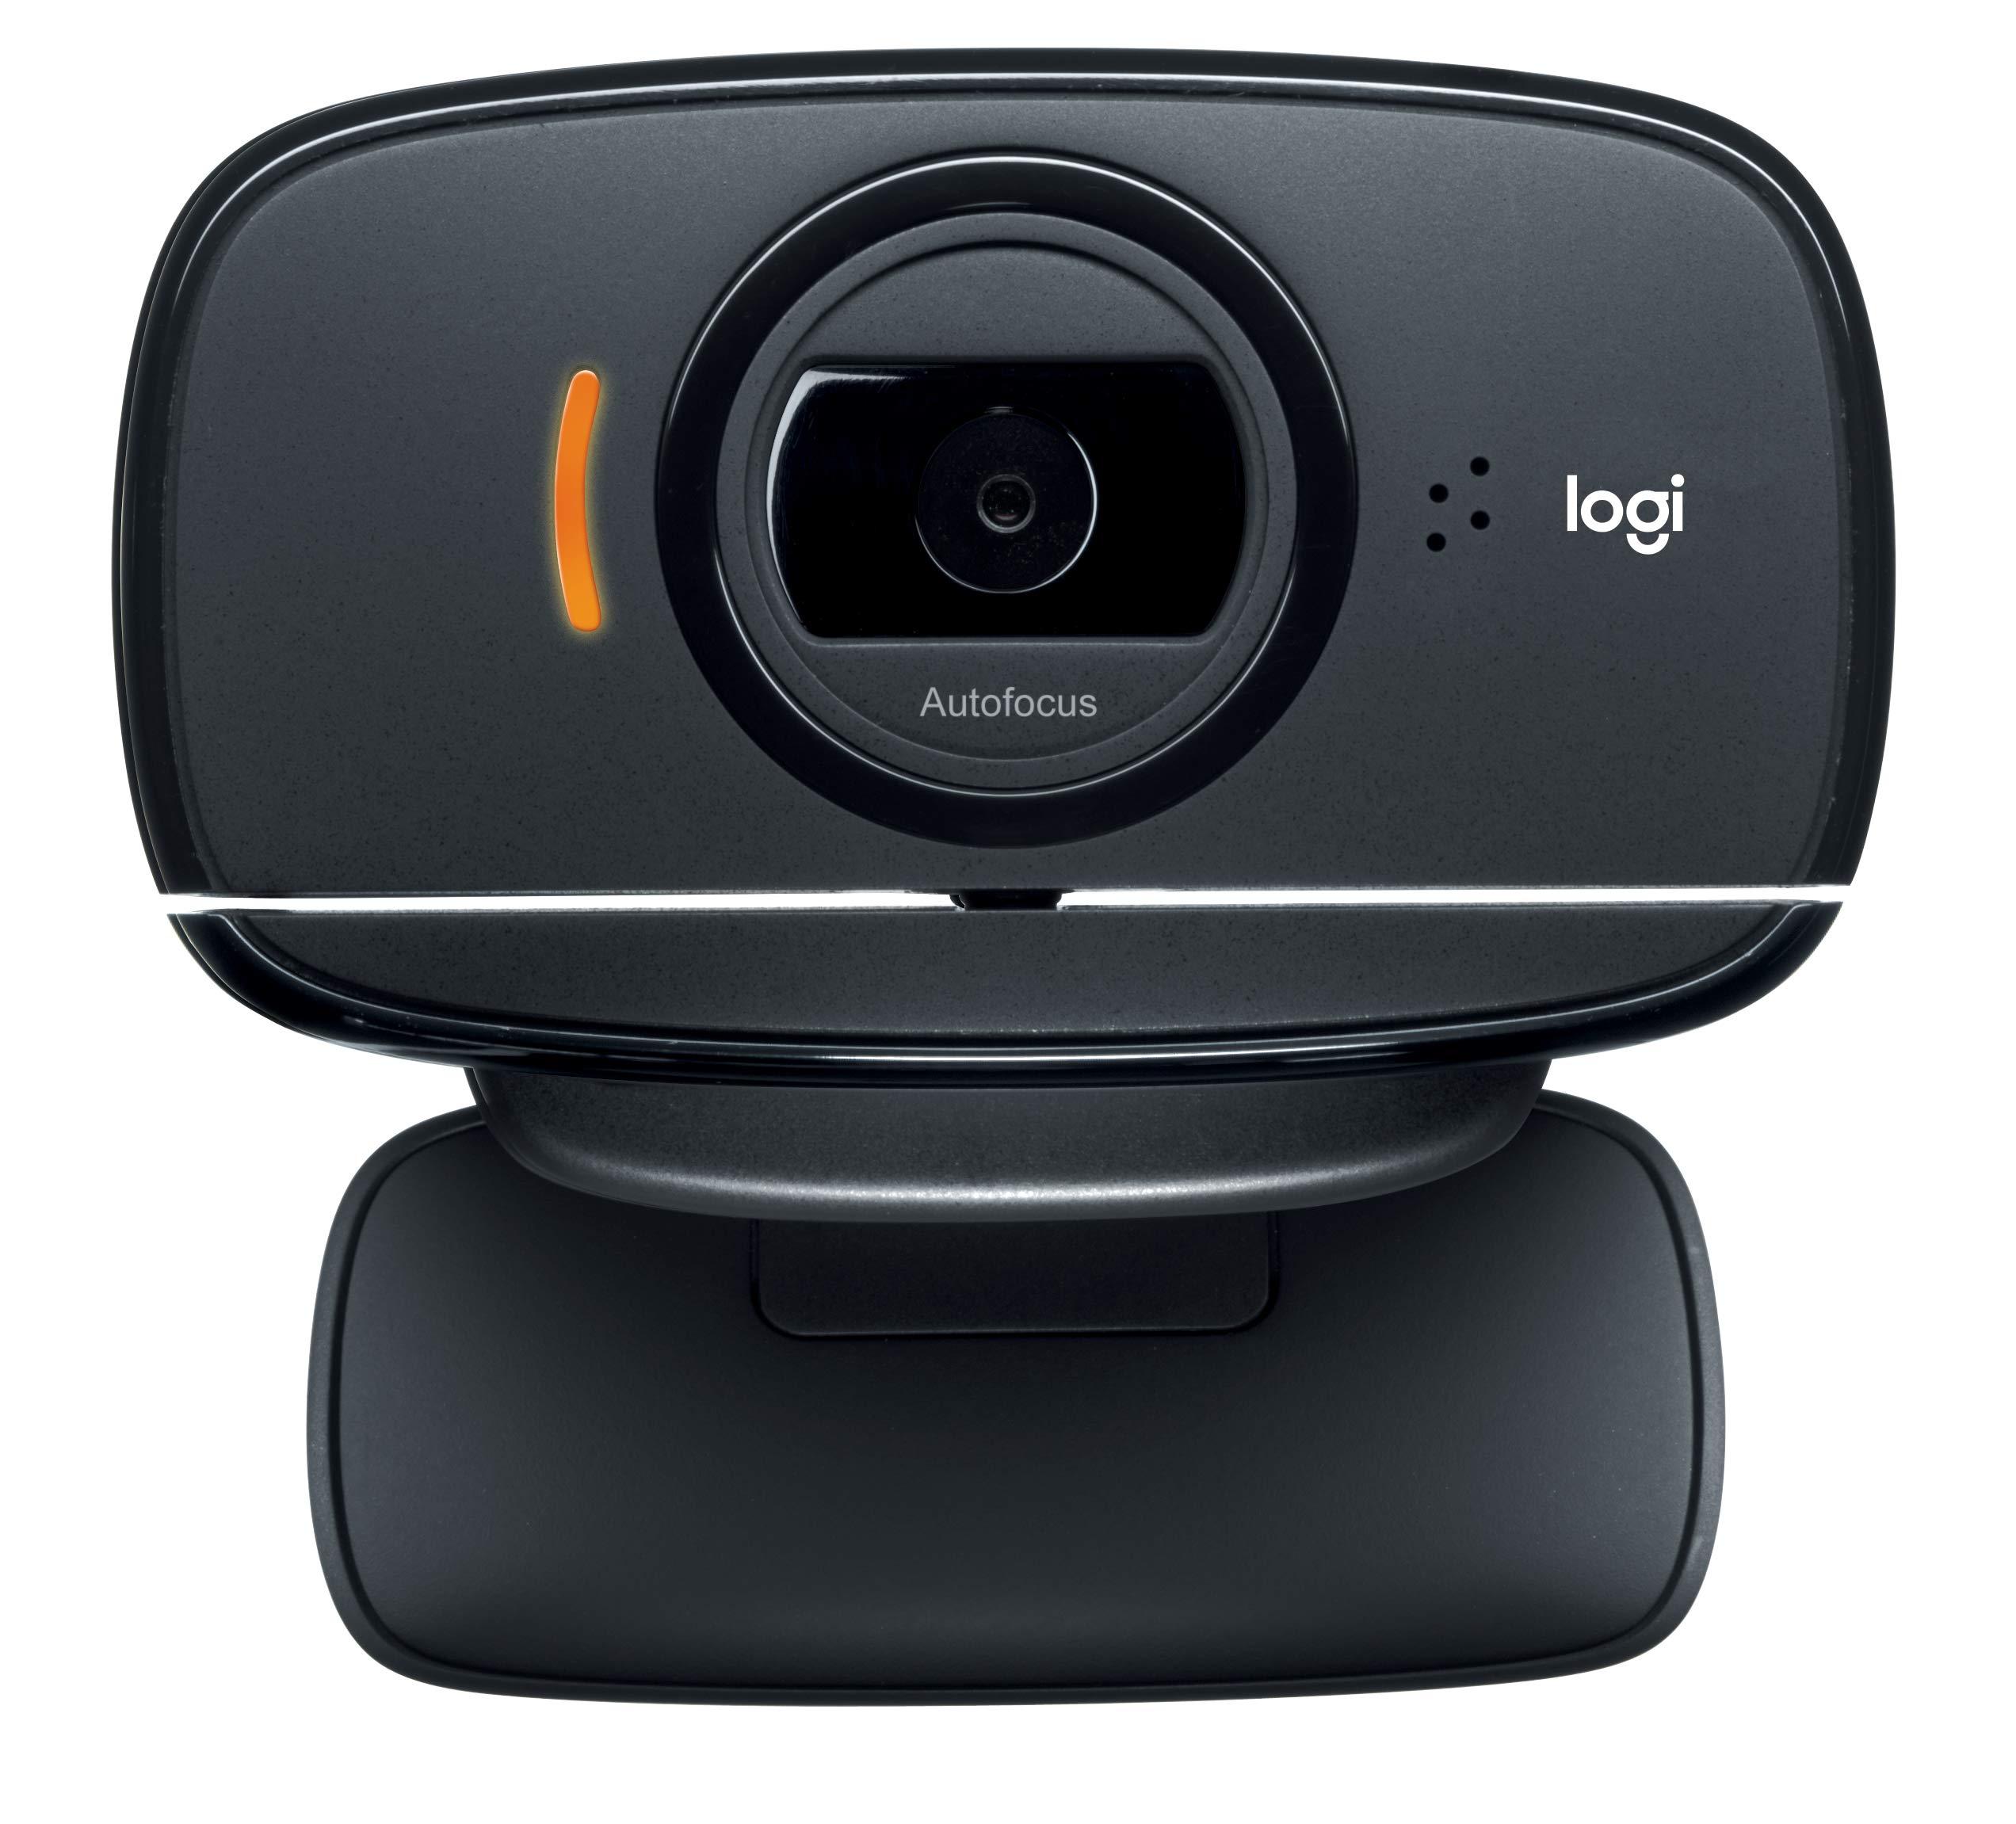 Logitech Webcam Portable Calling Autofocus